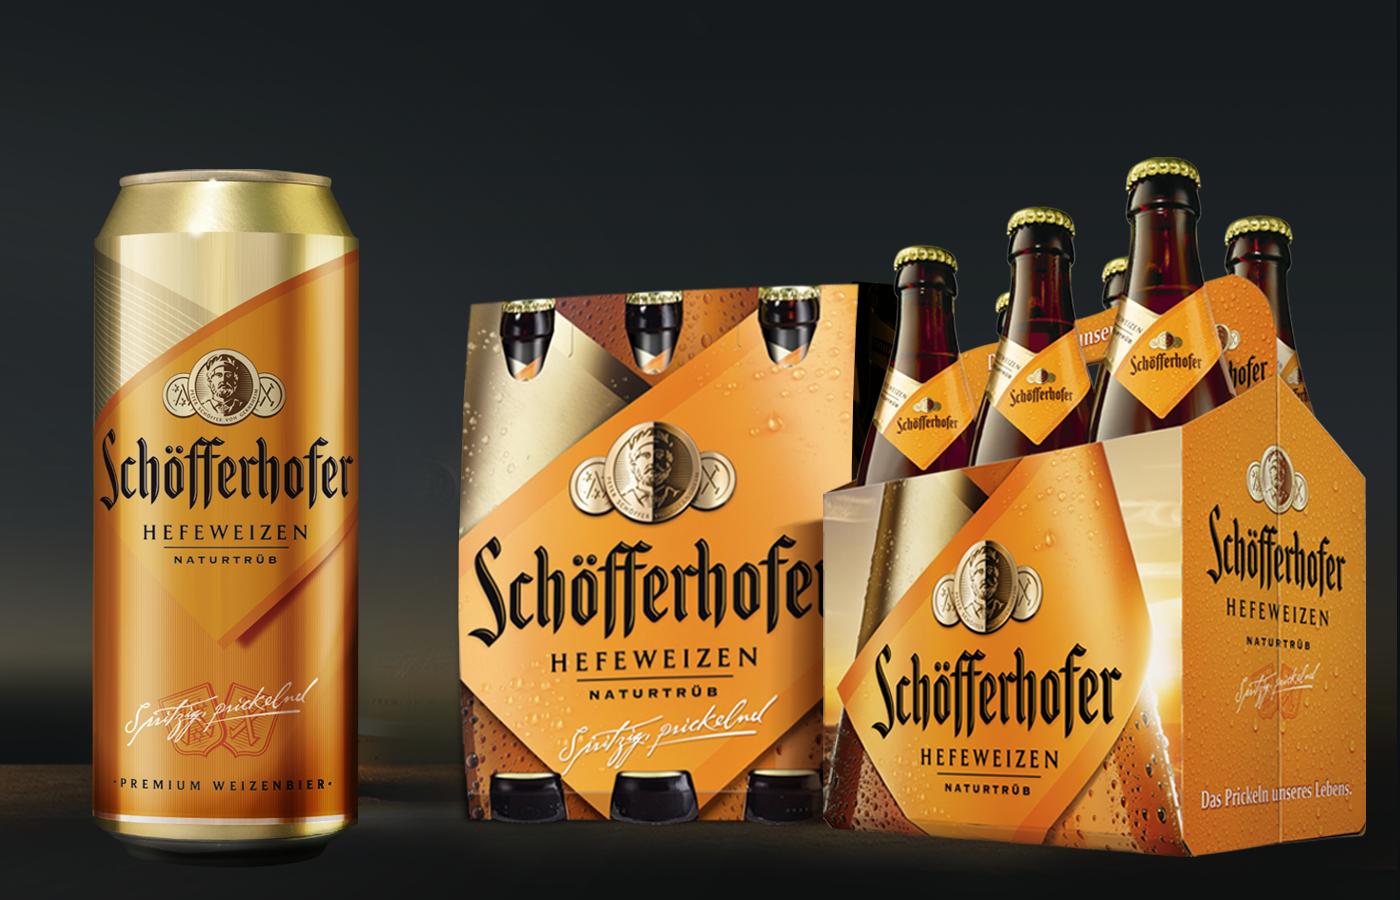 Schofferhofer Projekte Schofferhofer Bier Verpackung